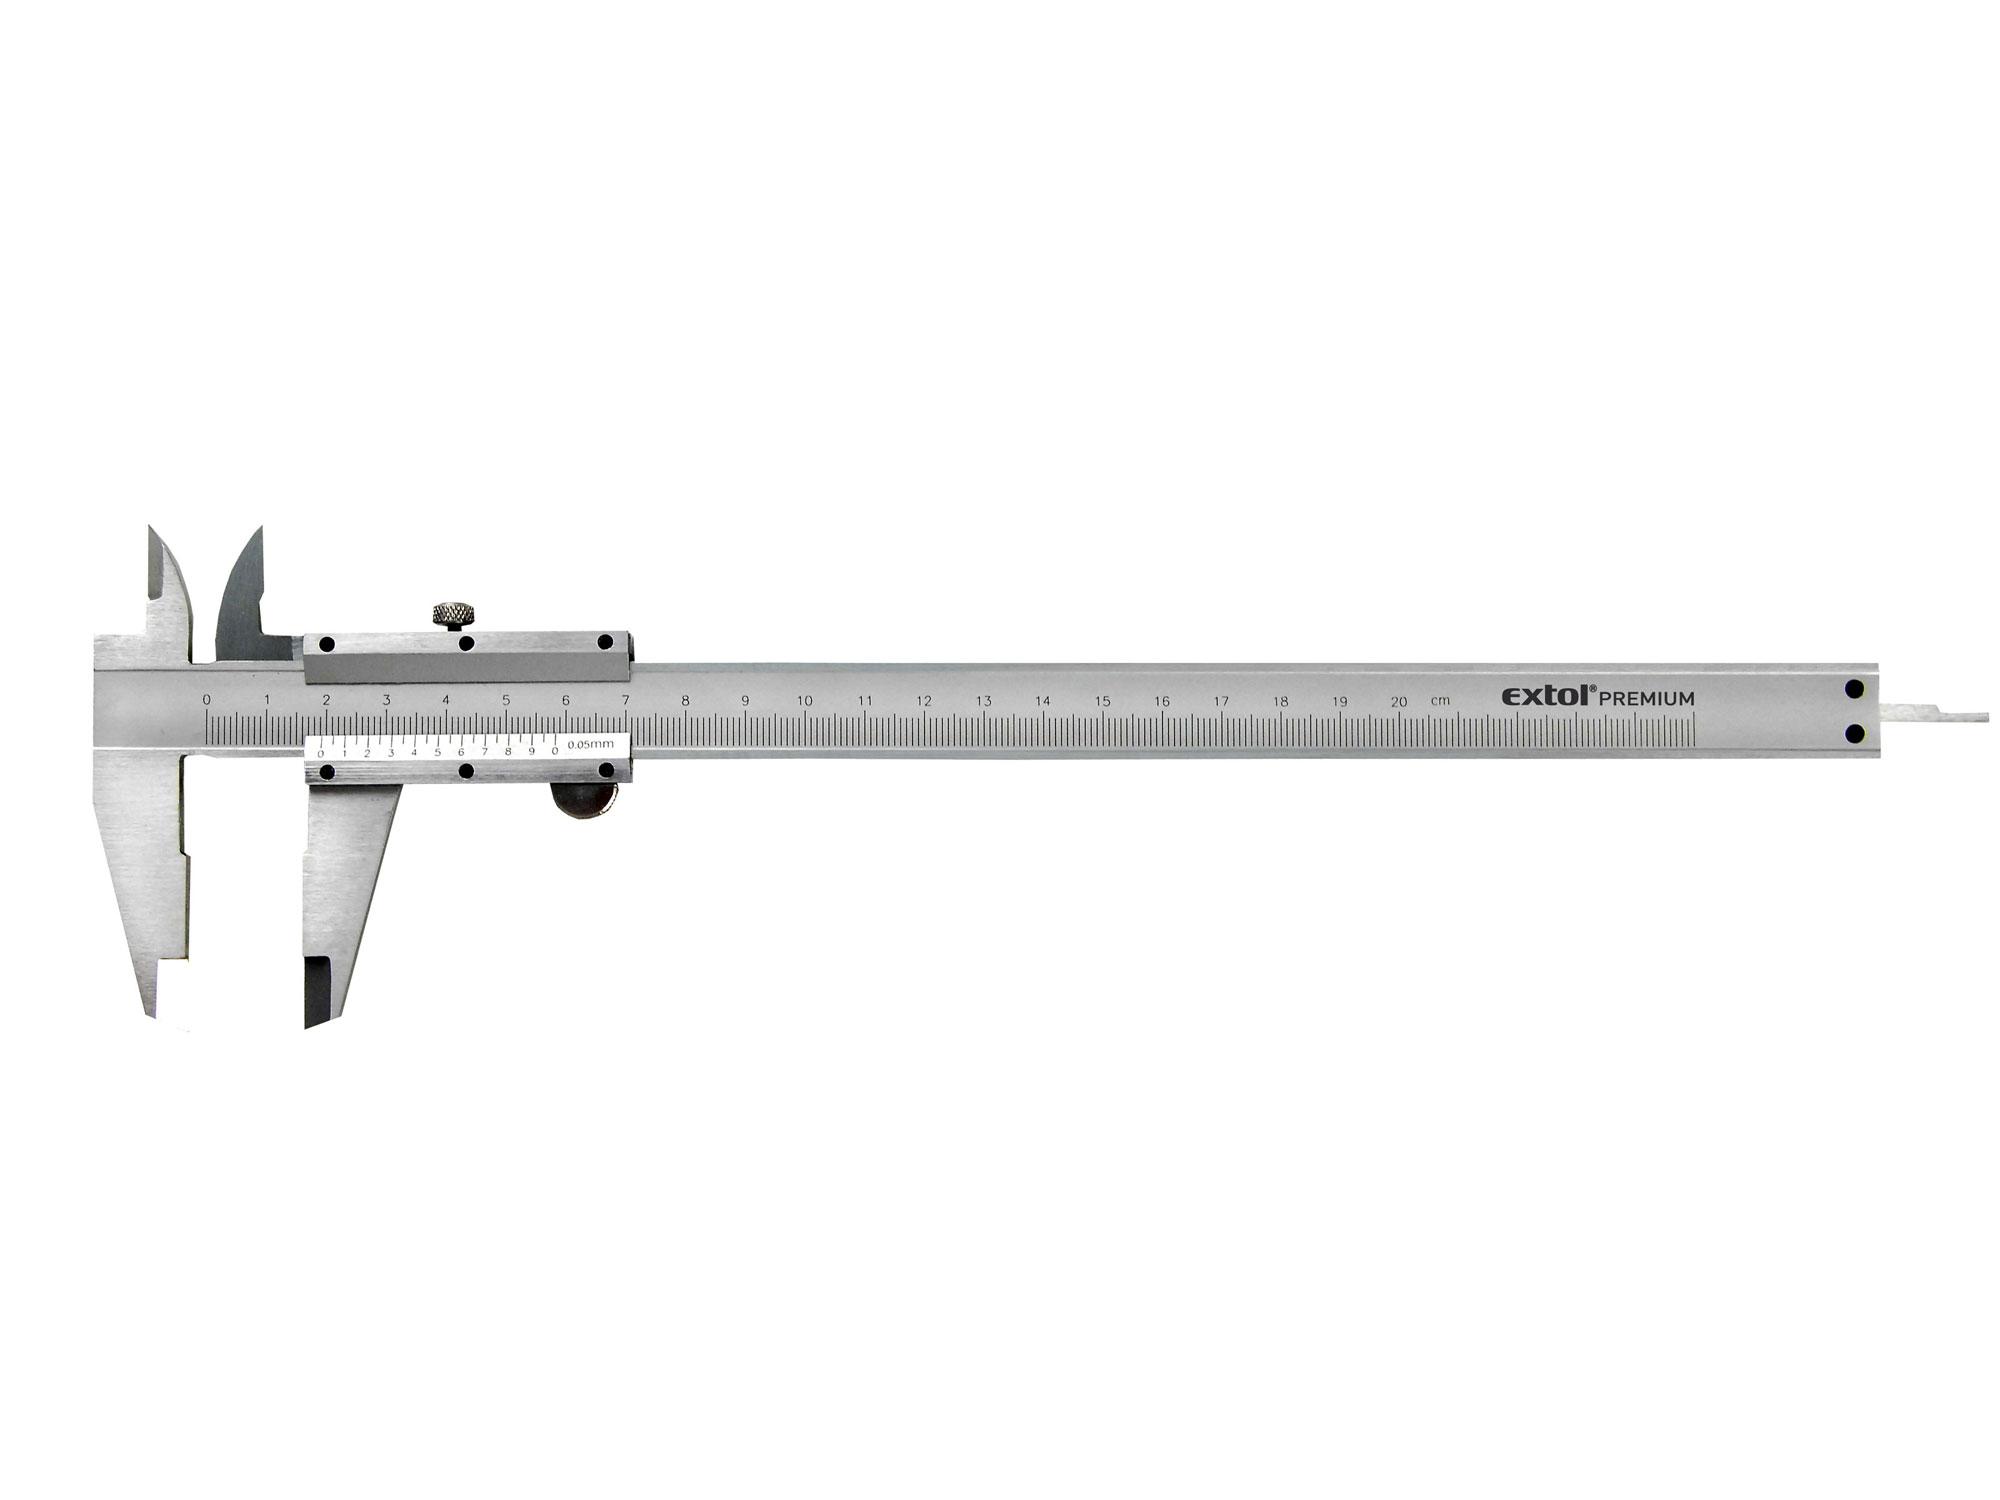 Měřítko posuvné kovové, 0-200mm EXTOL PREMIUM 3422